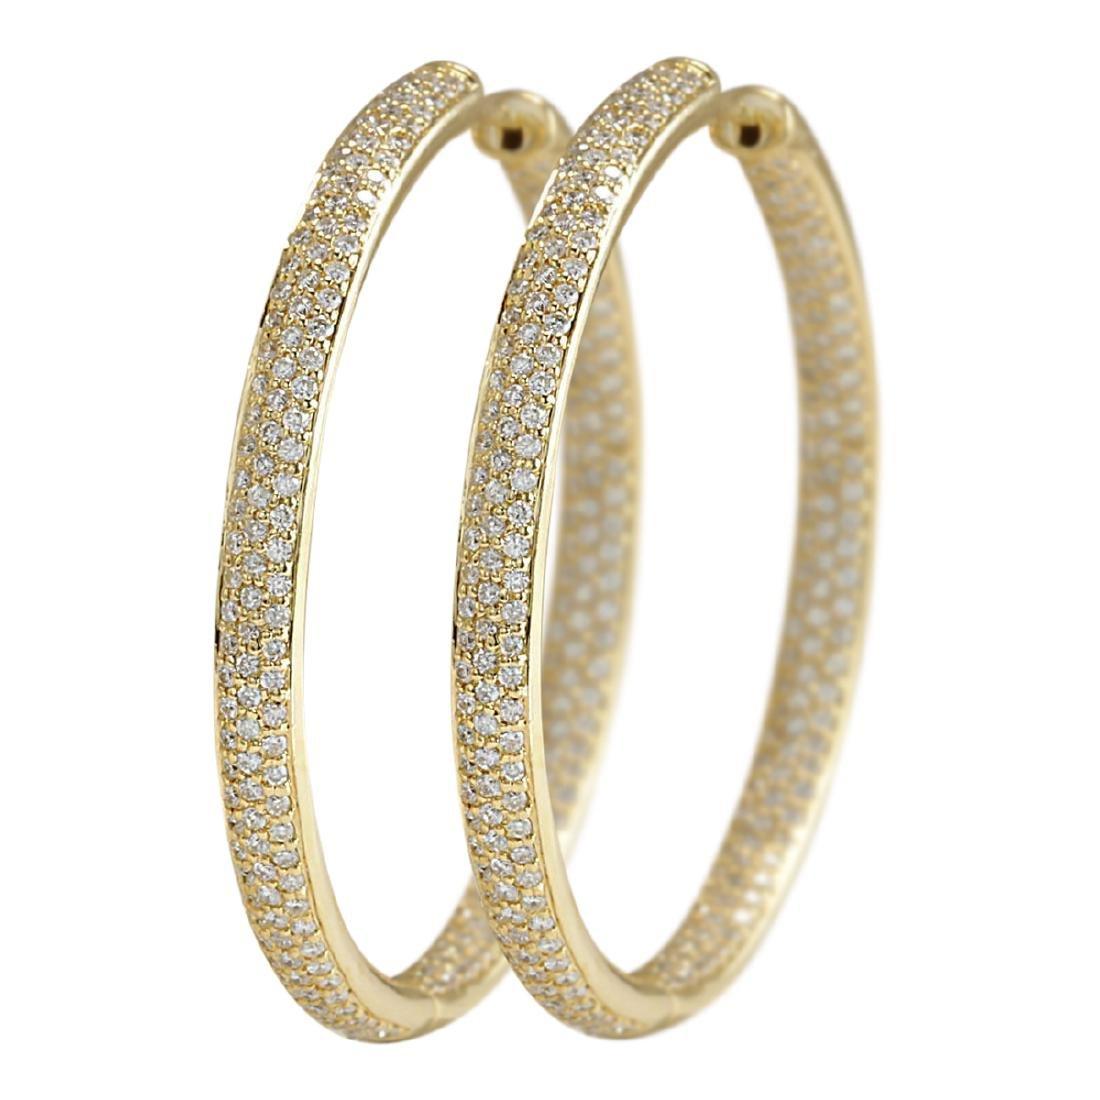 3.36 CTW Natural Diamond Hoop Earrings 14K Solid Yellow